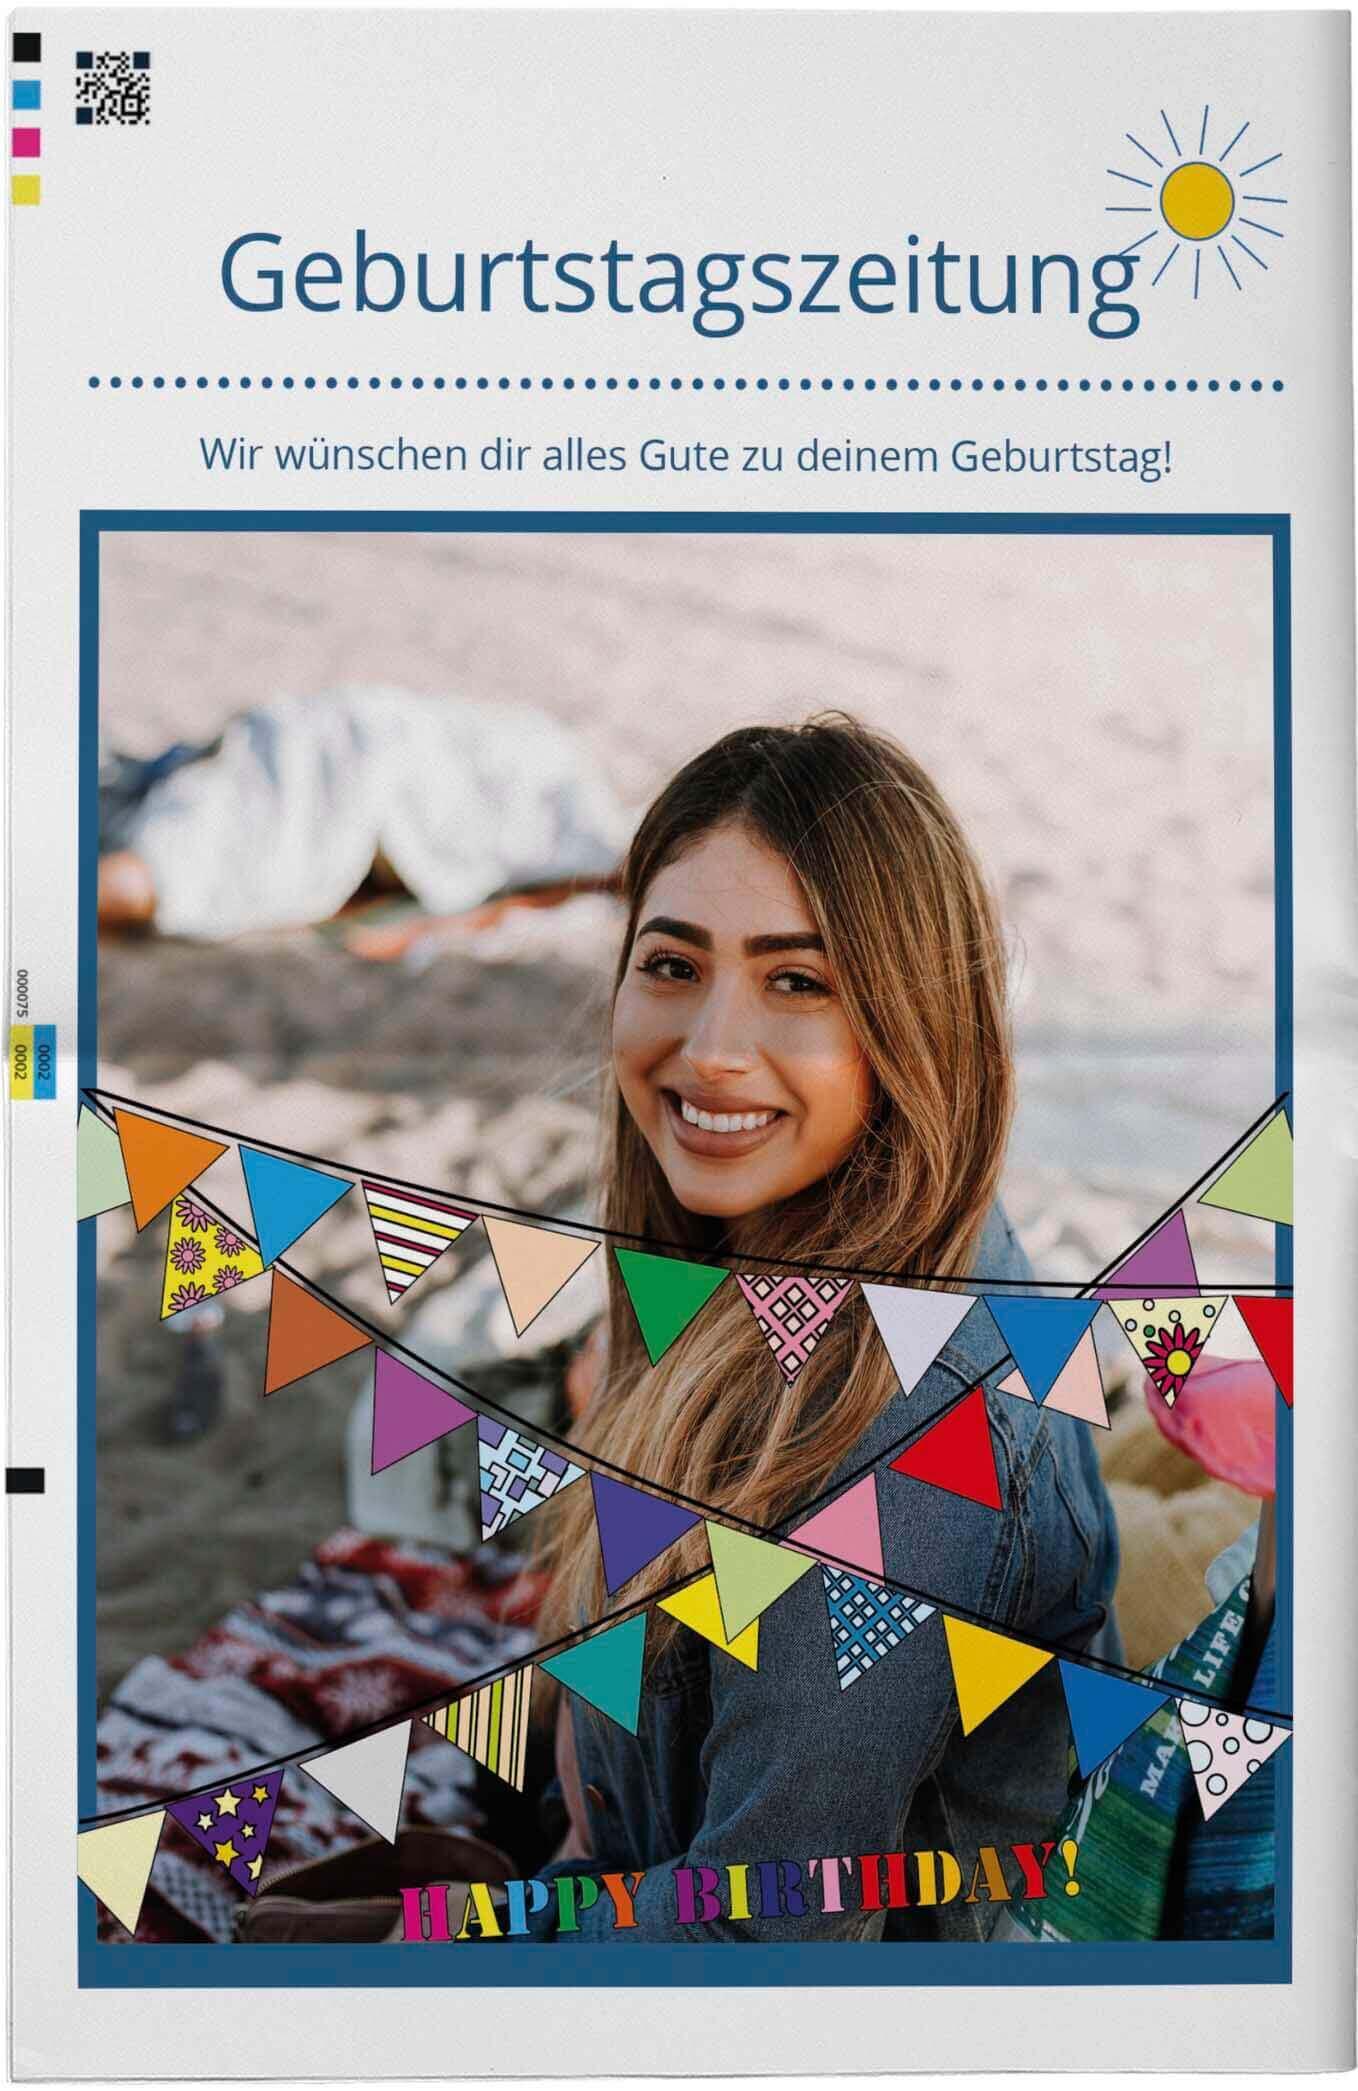 Vorlage für die Titelseite einer Geburtstagszeitung